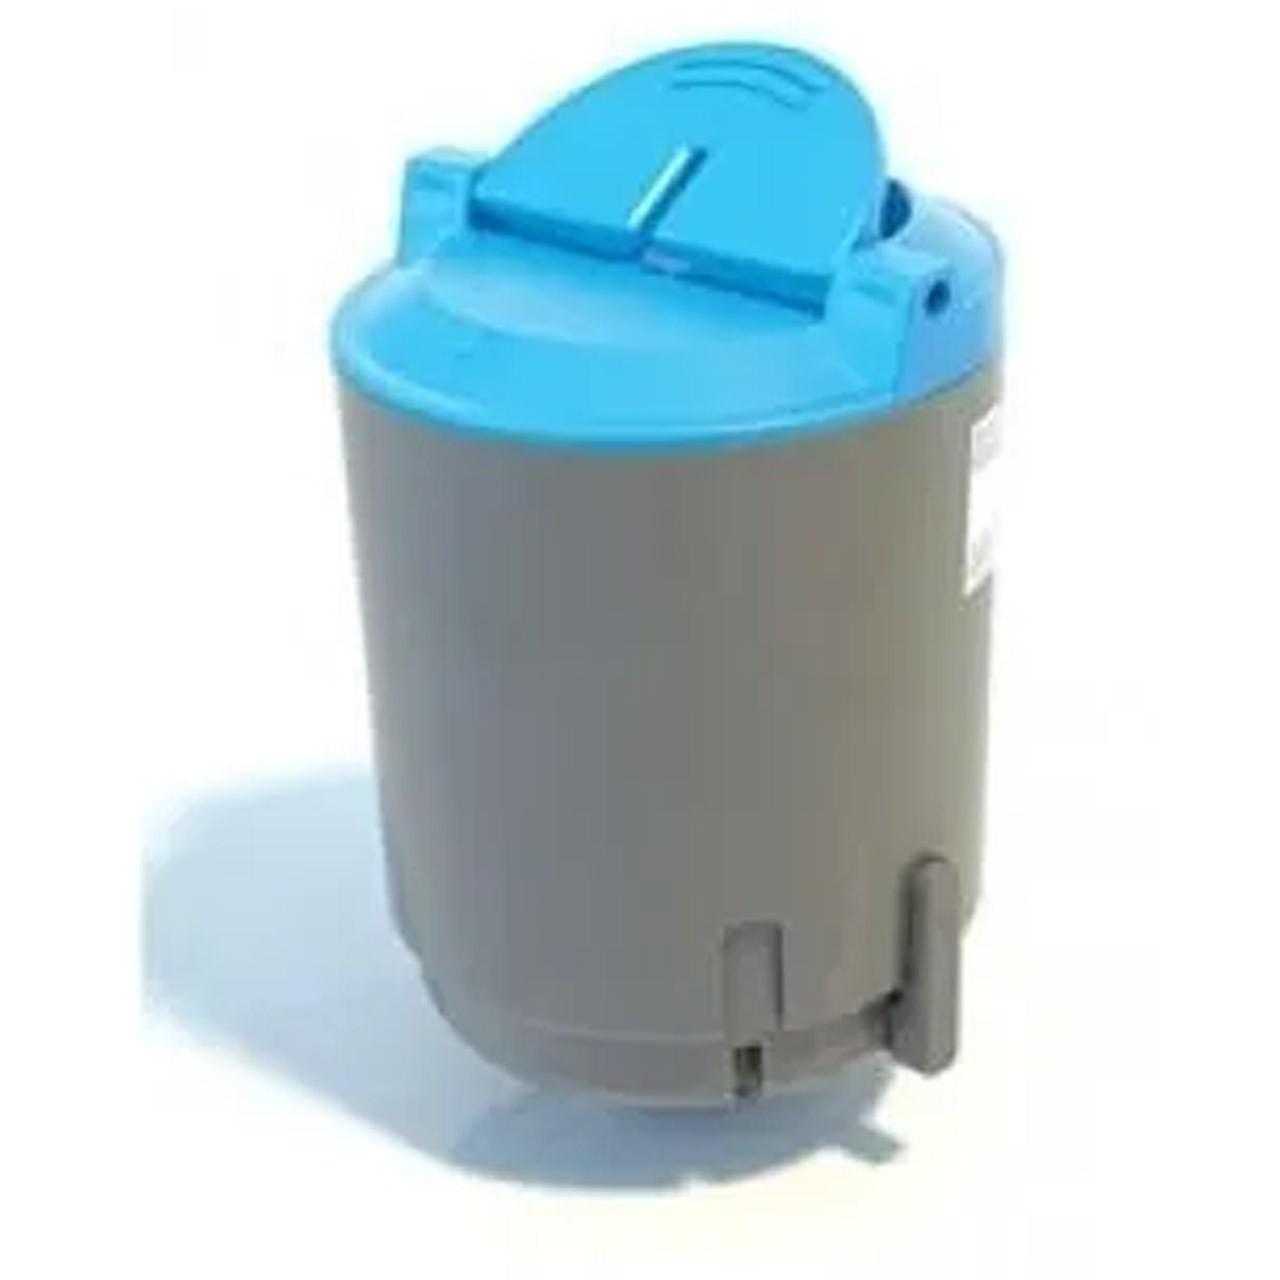 Toner Ciano P/ impressora laser Compatível Clp300 Clp-k300a C300a M300a Y300a - CLP300 CIANO